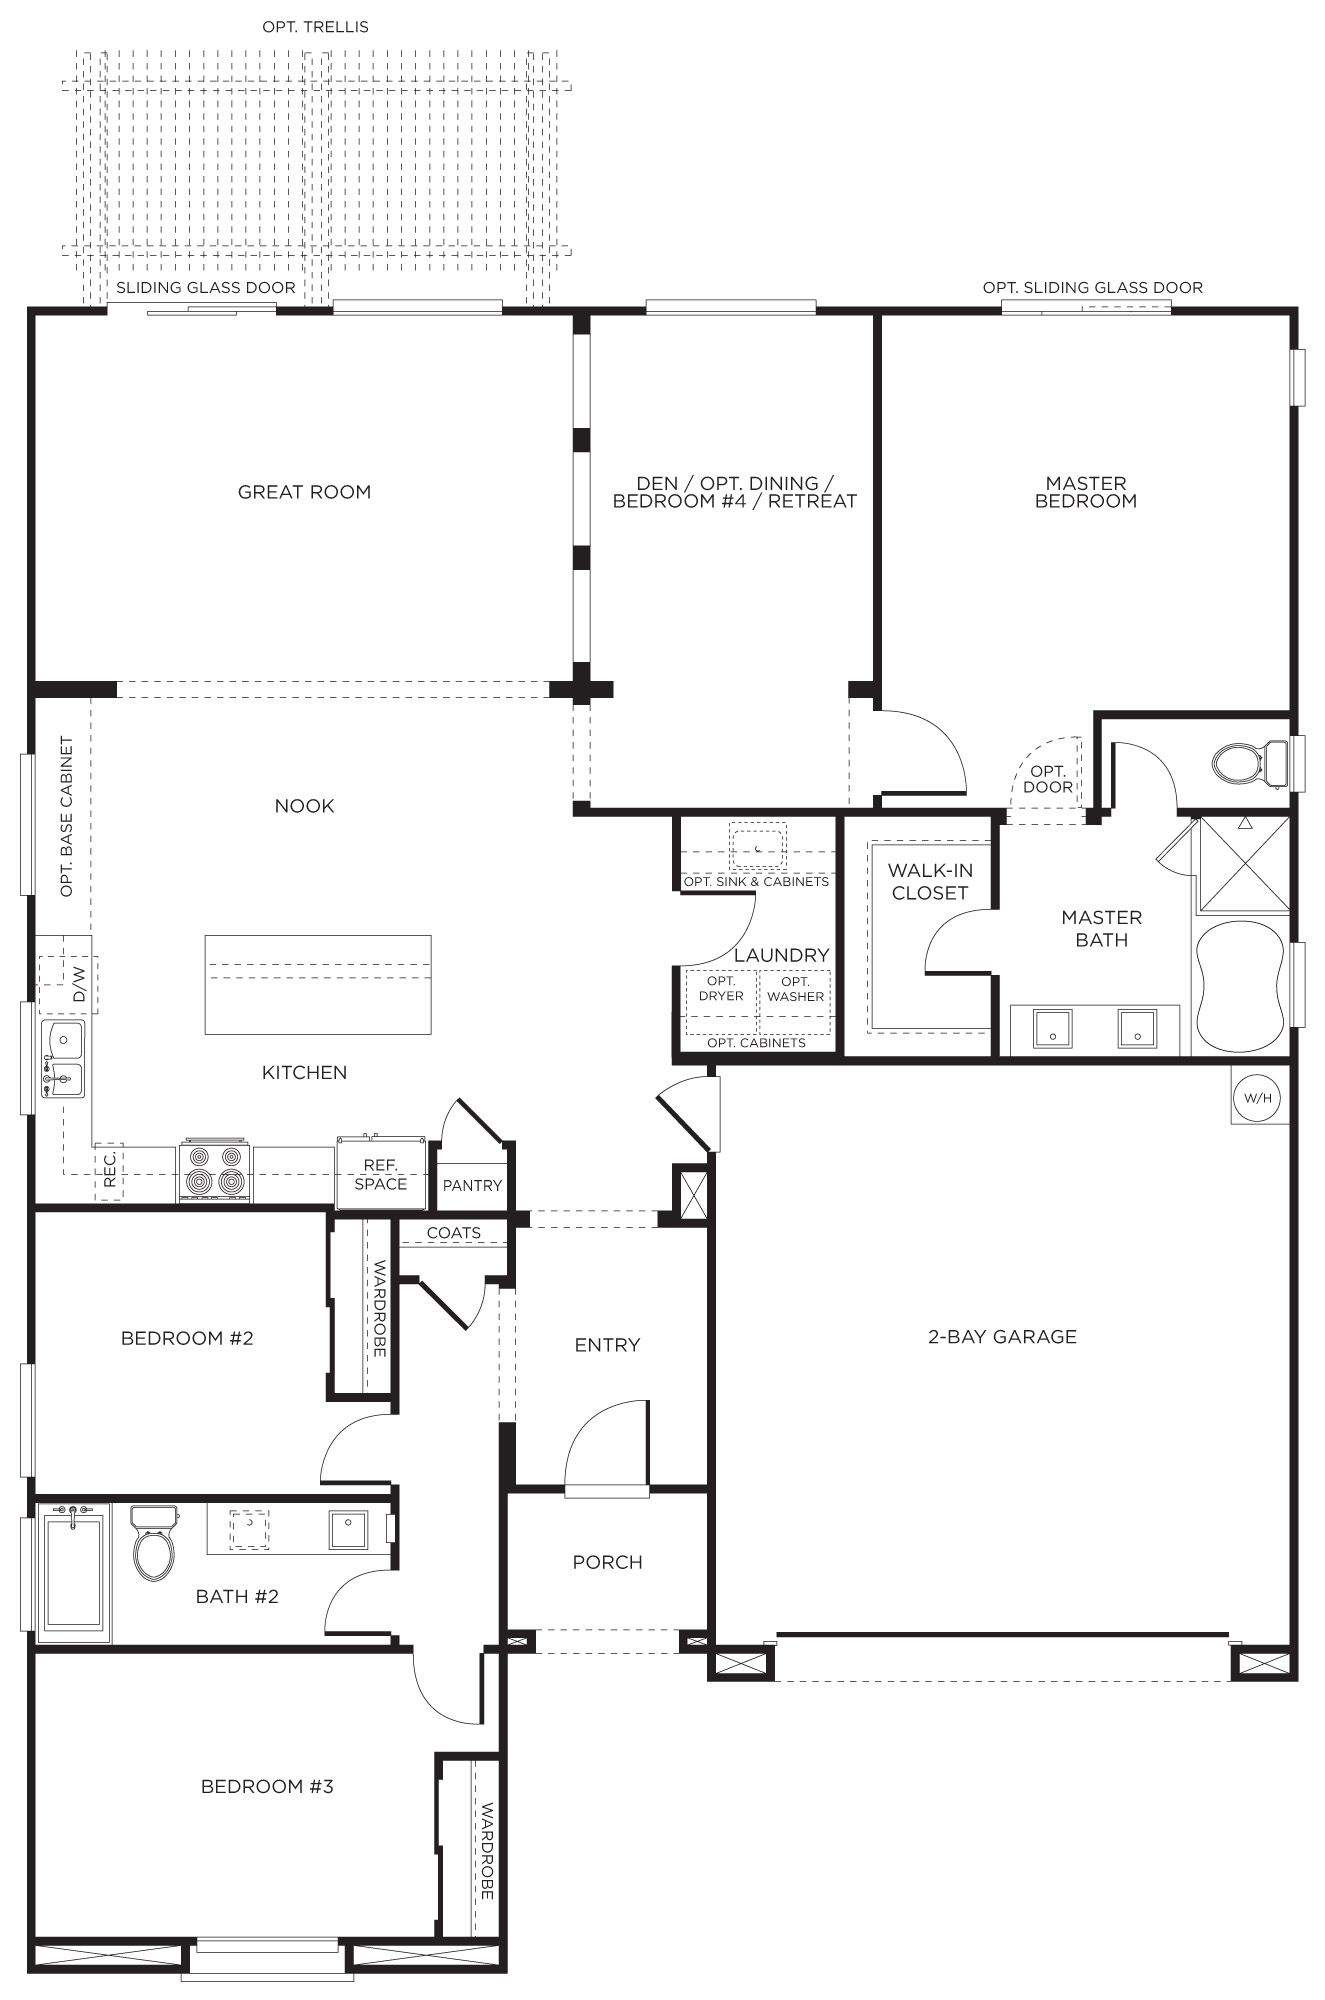 livingsmart homes providence model plan 1a las vegas nevada http